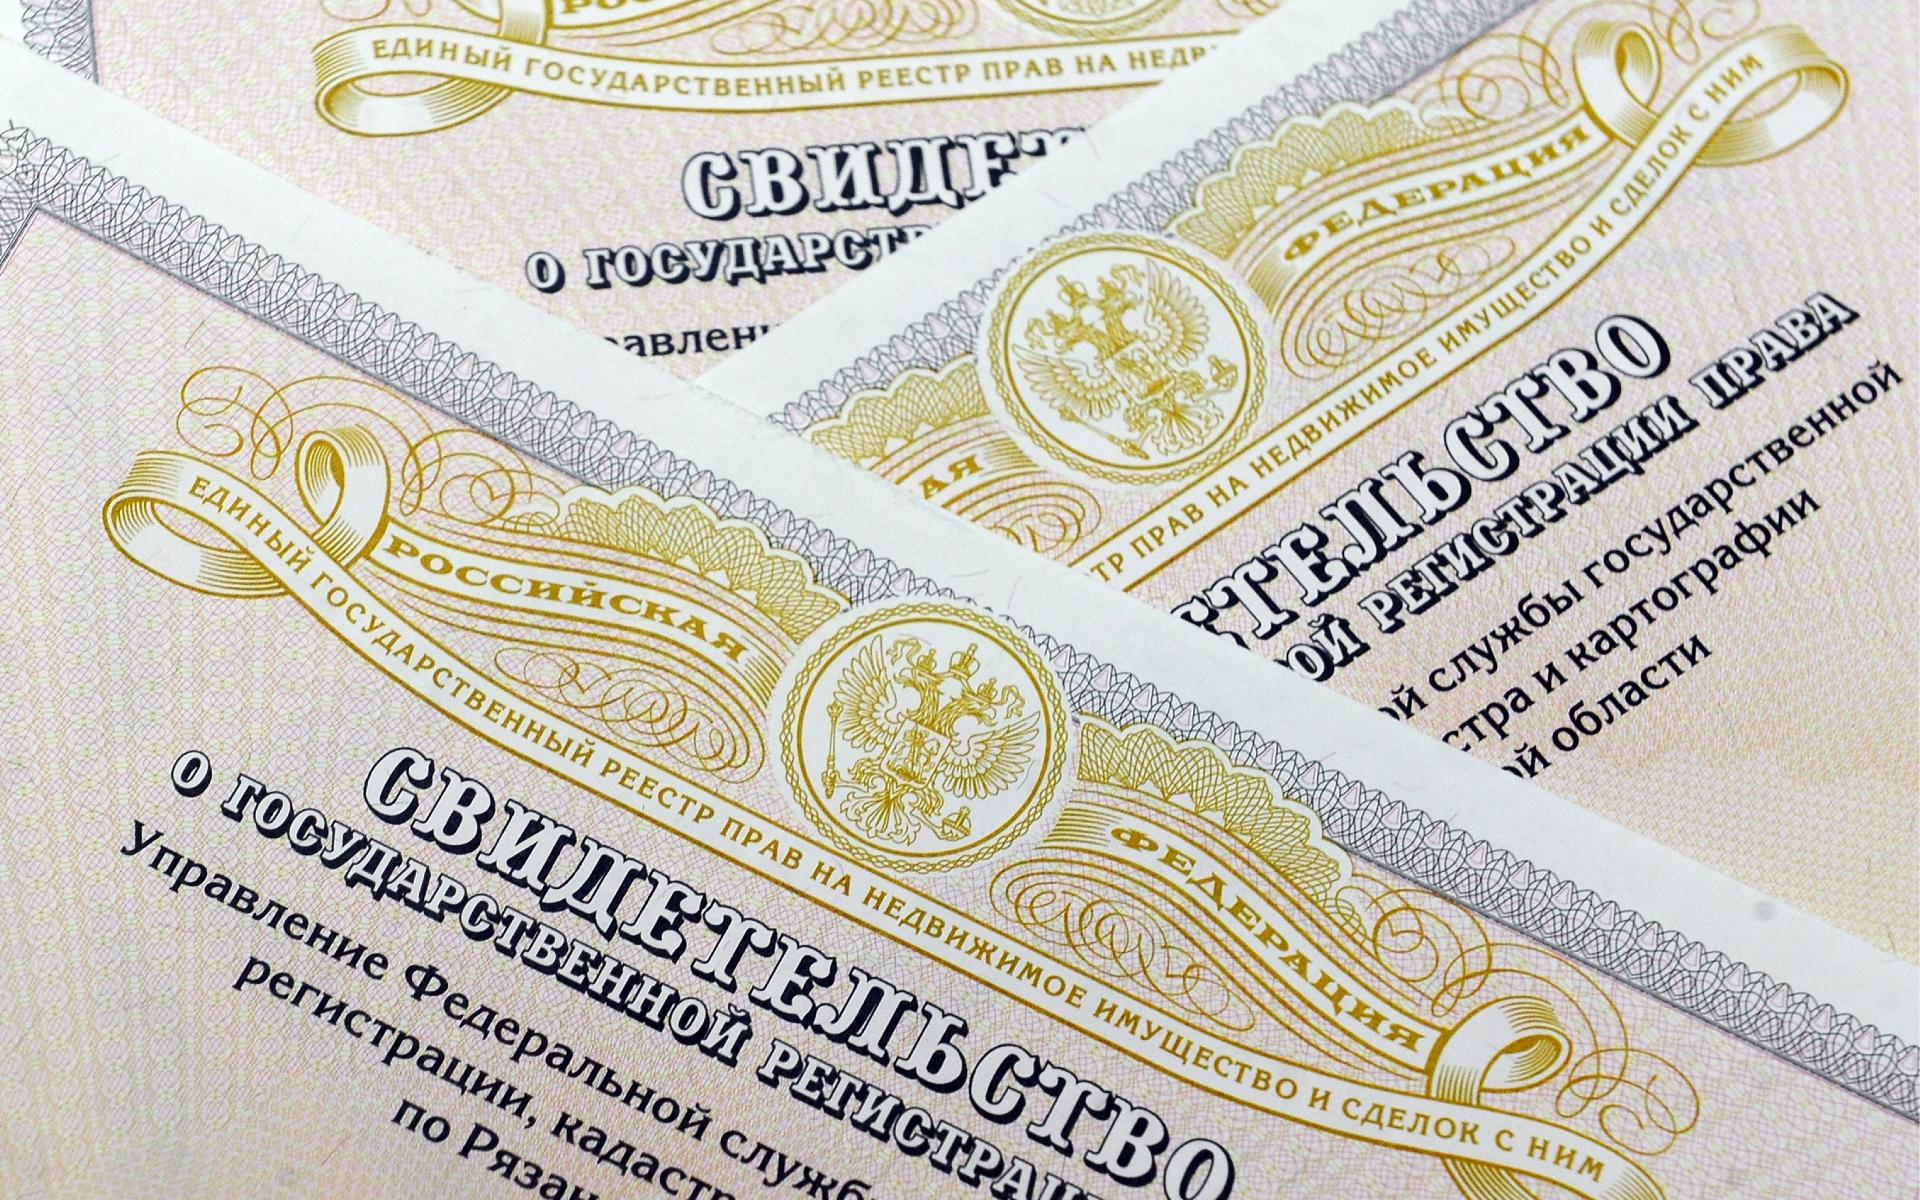 В Москве впервые превышен порог в 100 тыс. ДДУ за девять месяцев